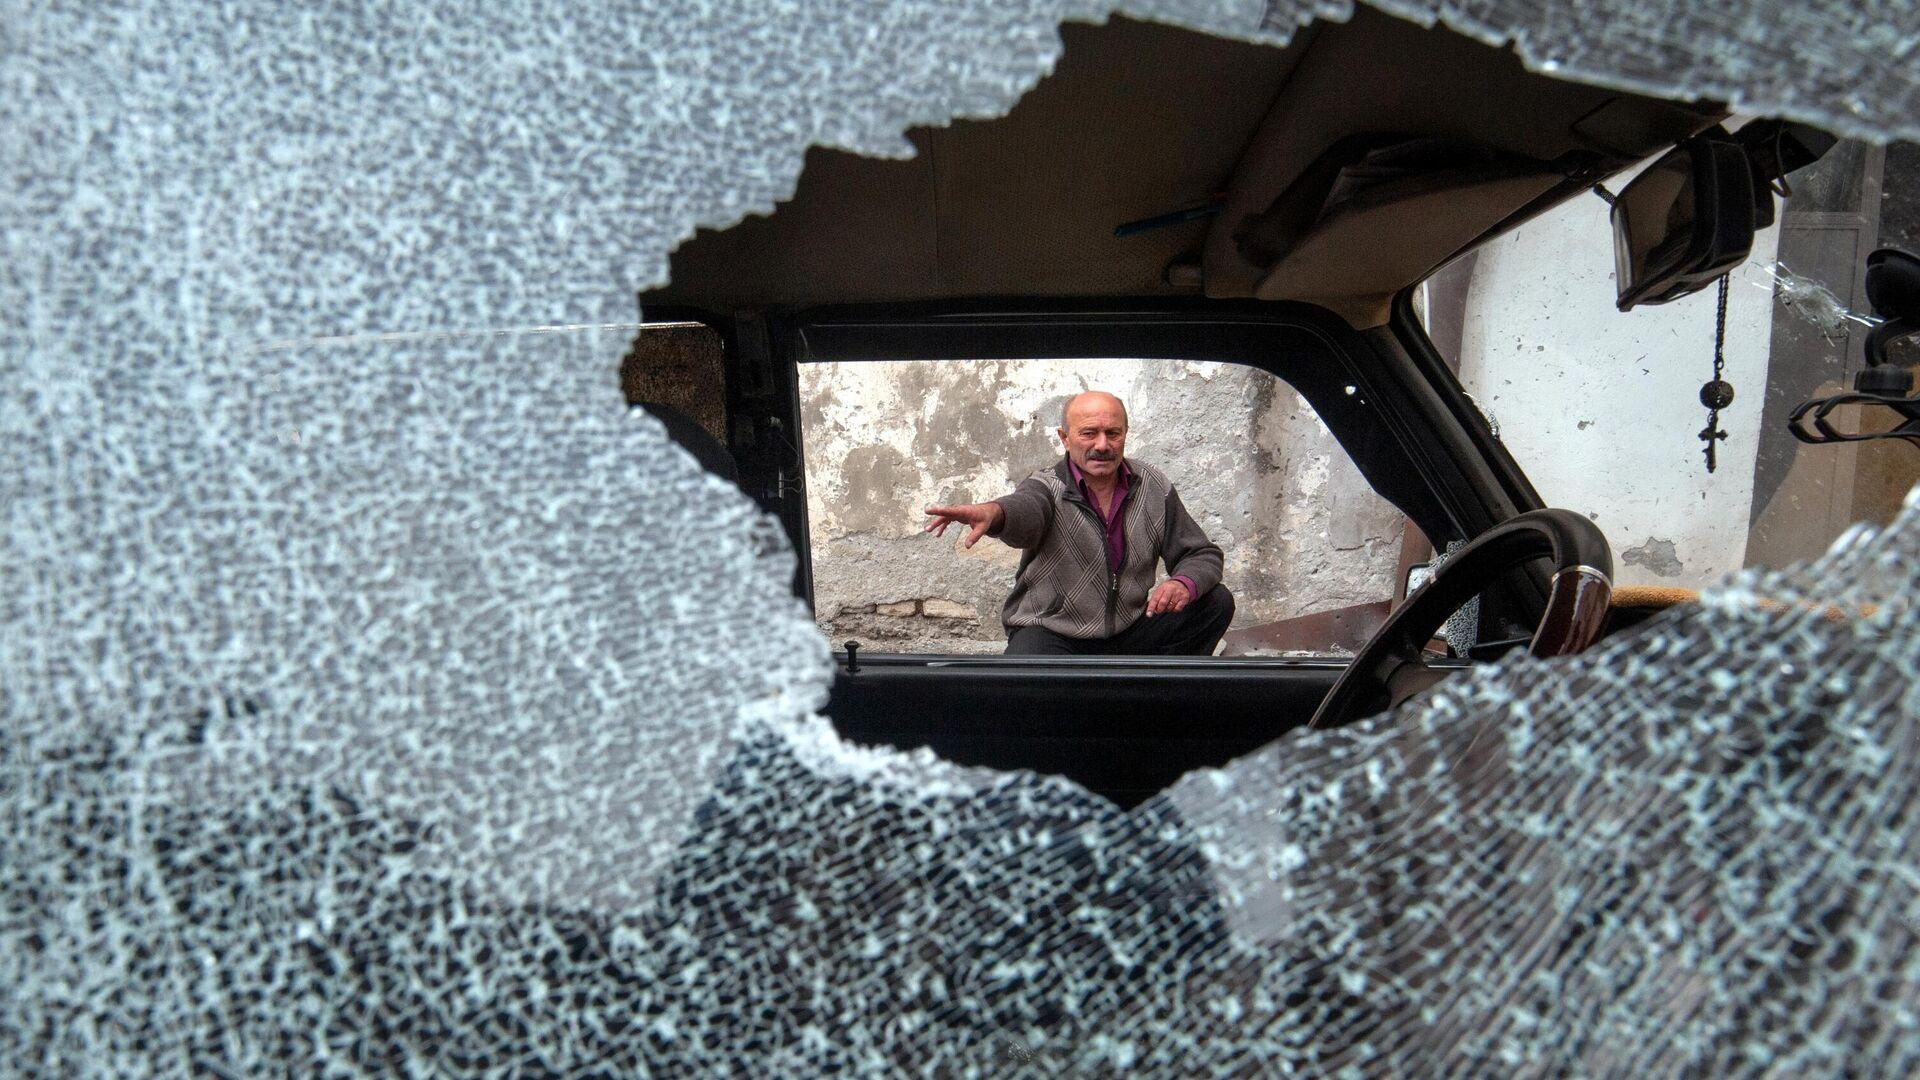 Автомобиль, поврежденный в результате обстрела в Степанакерте - РИА Новости, 1920, 05.10.2020